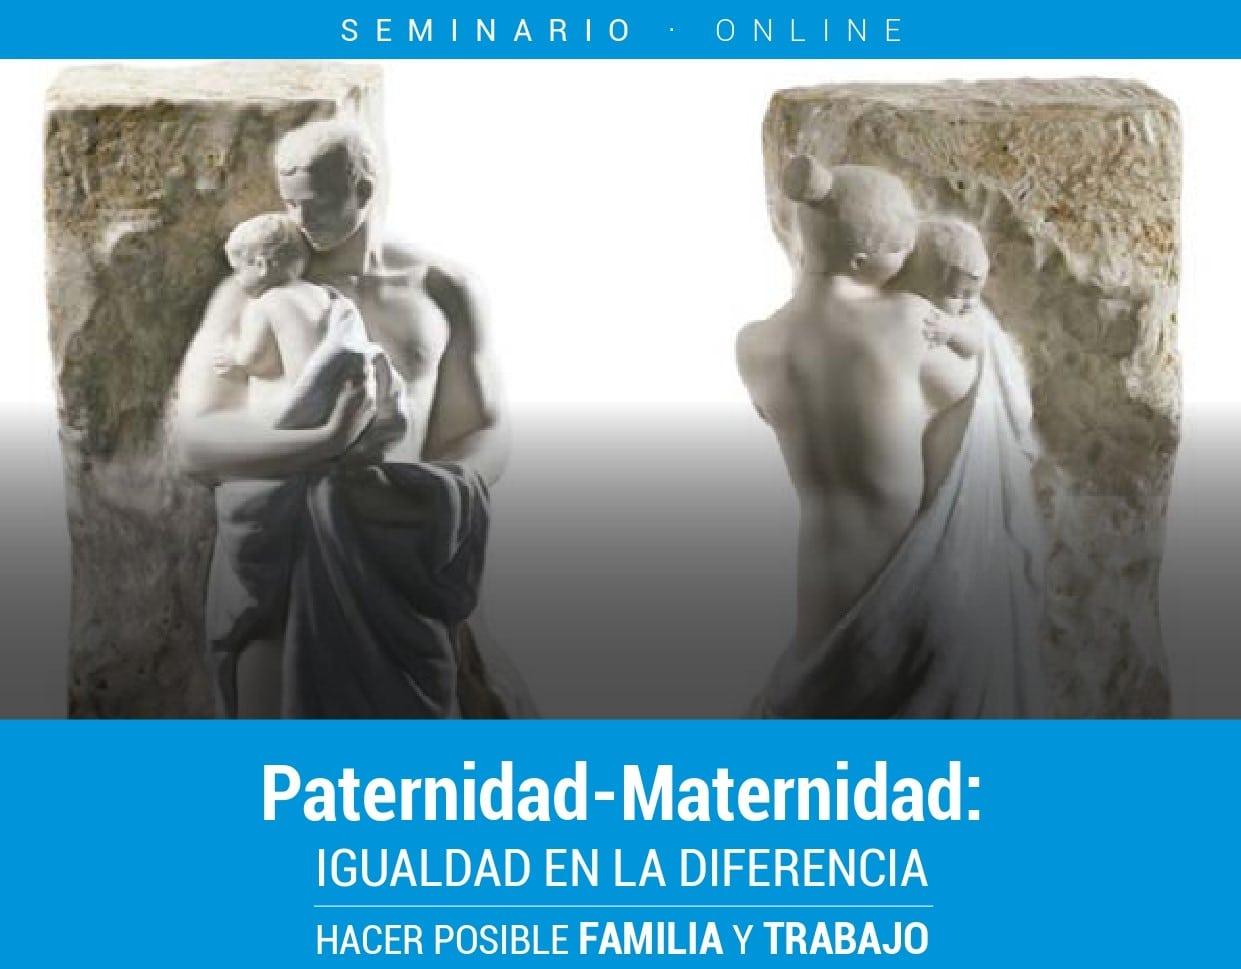 Paternidad-Maternidad: Igualdad en la diferencia, hacer posible FAMILIA y TRABAJO